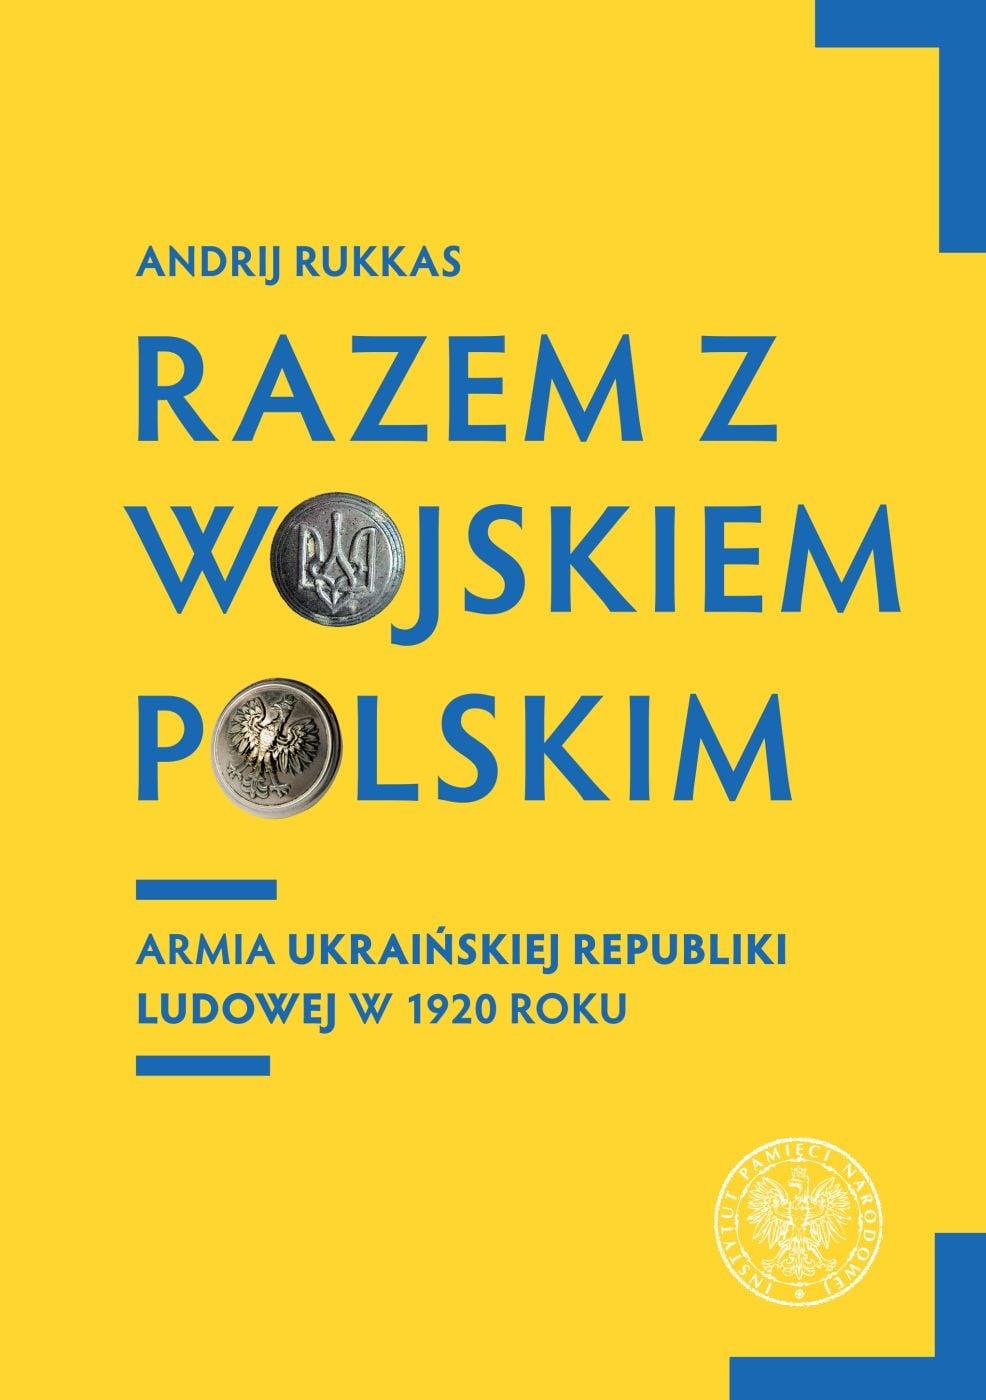 Фото: Księgarnia IPN